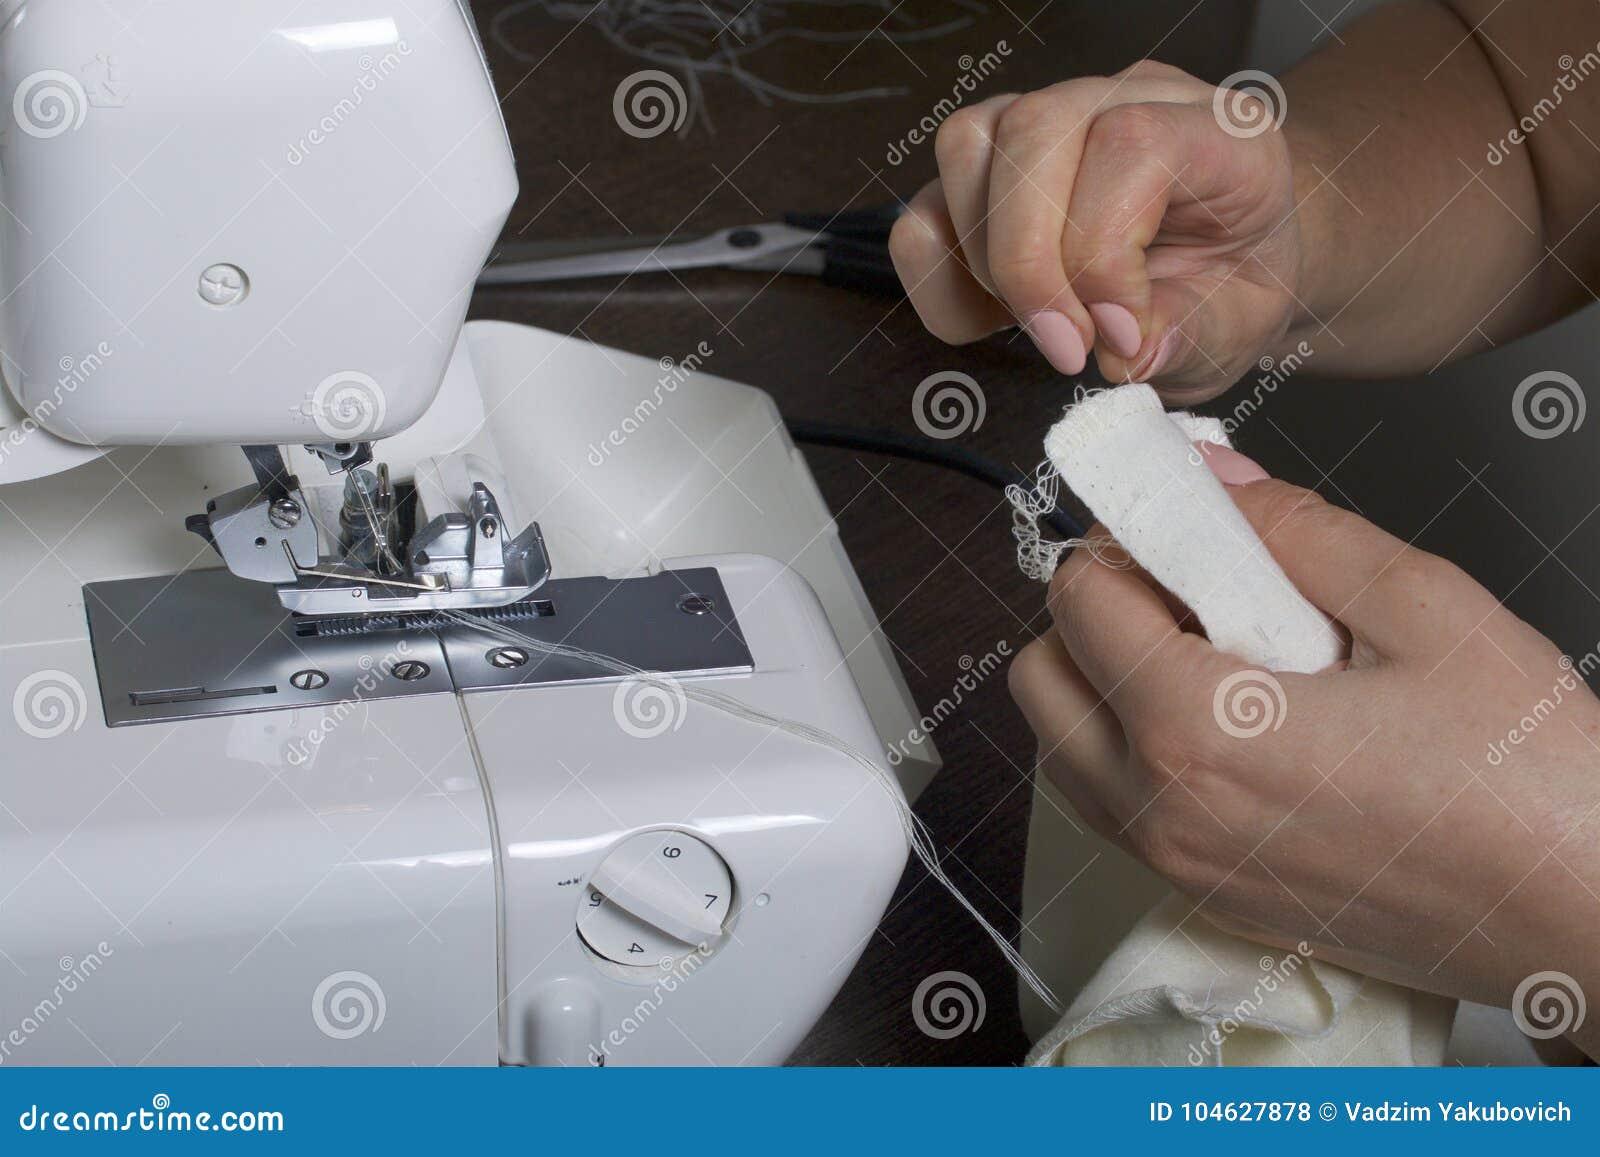 Download De Vrouw Werkt Aan Het Product Op Overlock Overlock Met Witte Draad De Vrouw Past De Stof Aan, Alvorens Binnen Vast Te Klemmen Stock Foto - Afbeelding bestaande uit ontwerp, lijn: 104627878